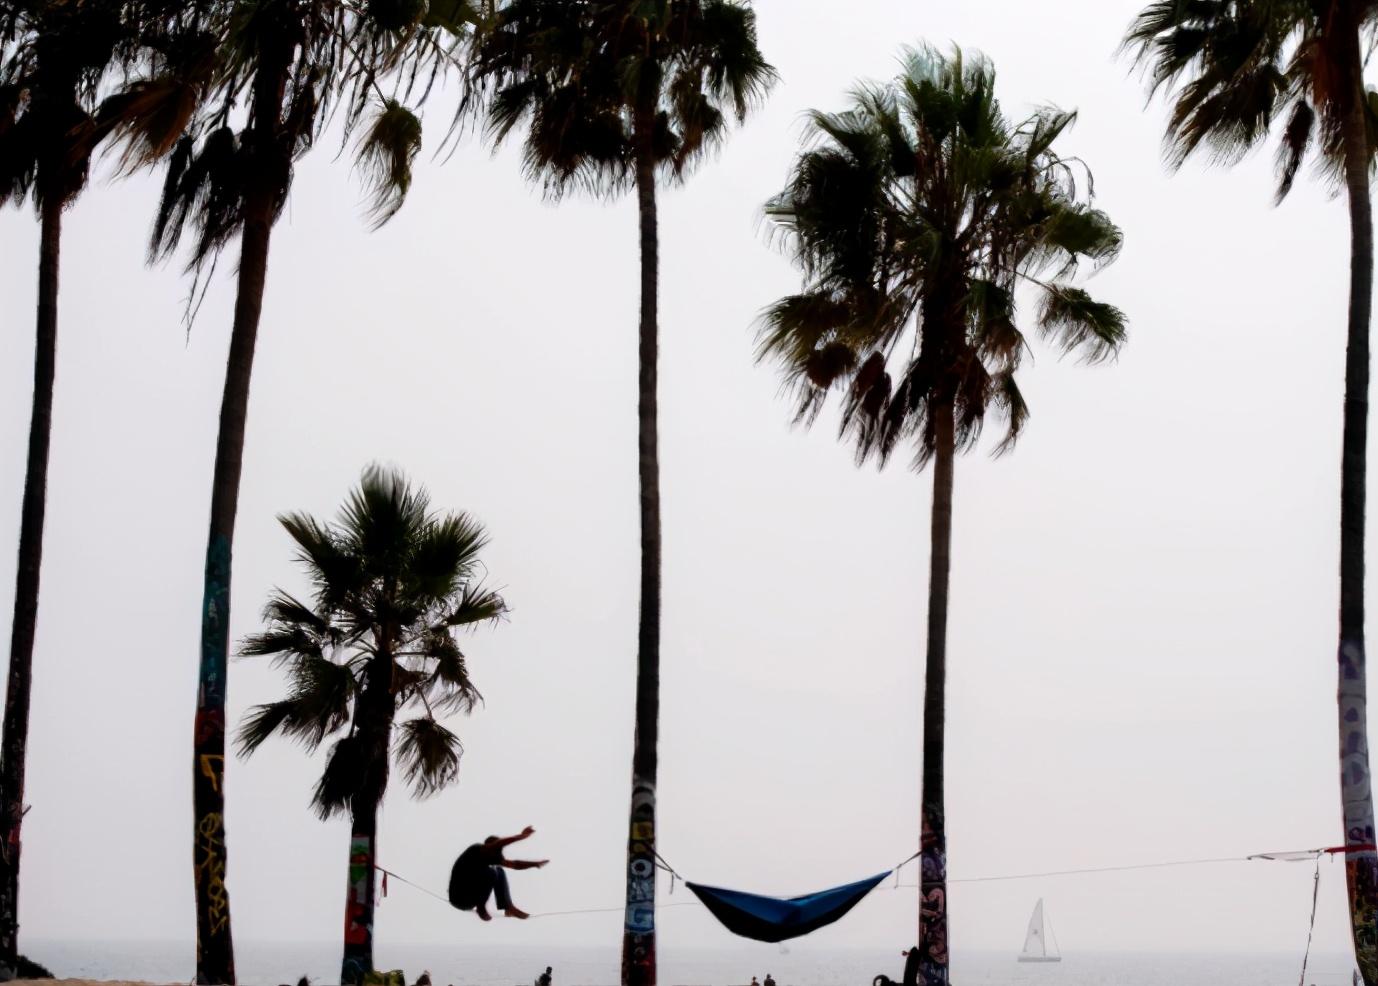 悲剧了!美国女躺在海滩上晒太阳睡着,谁料竟被拖拉机活活碾死